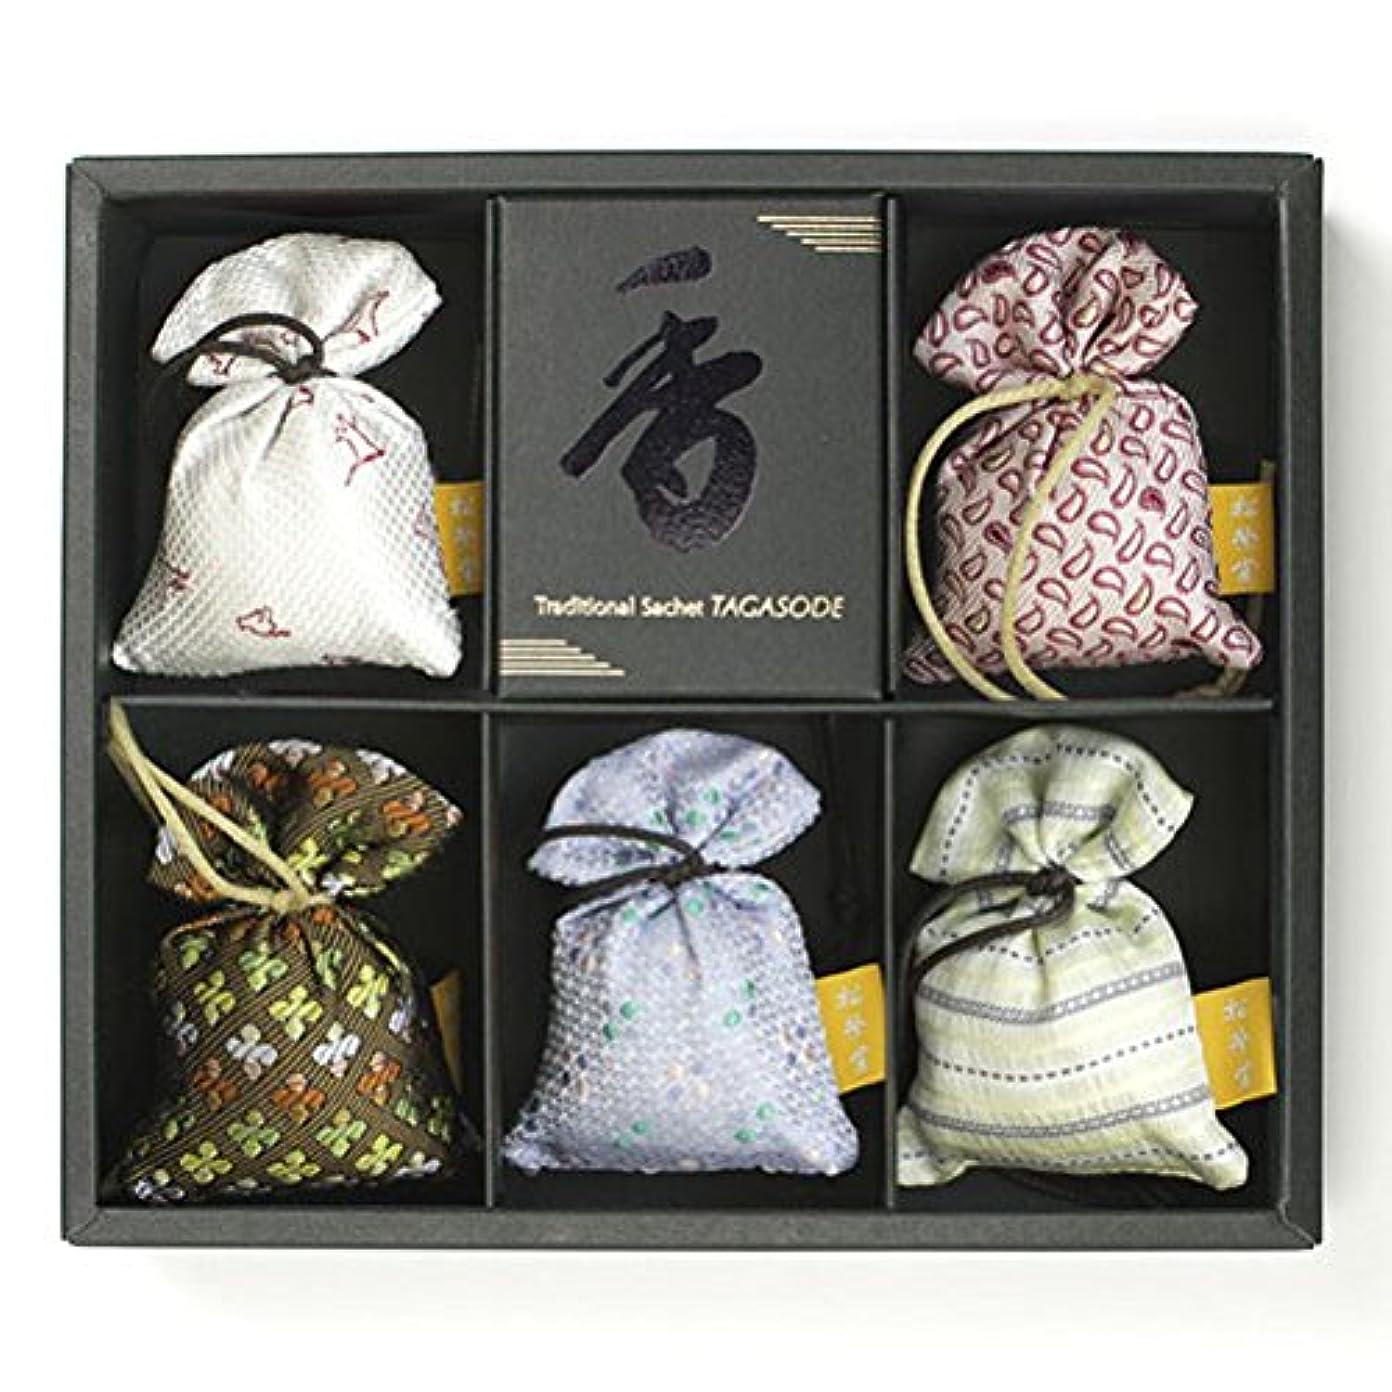 広く経済的子音匂い袋 誰が袖 薫 かおる 5個入 松栄堂 Shoyeido 本体長さ60mm